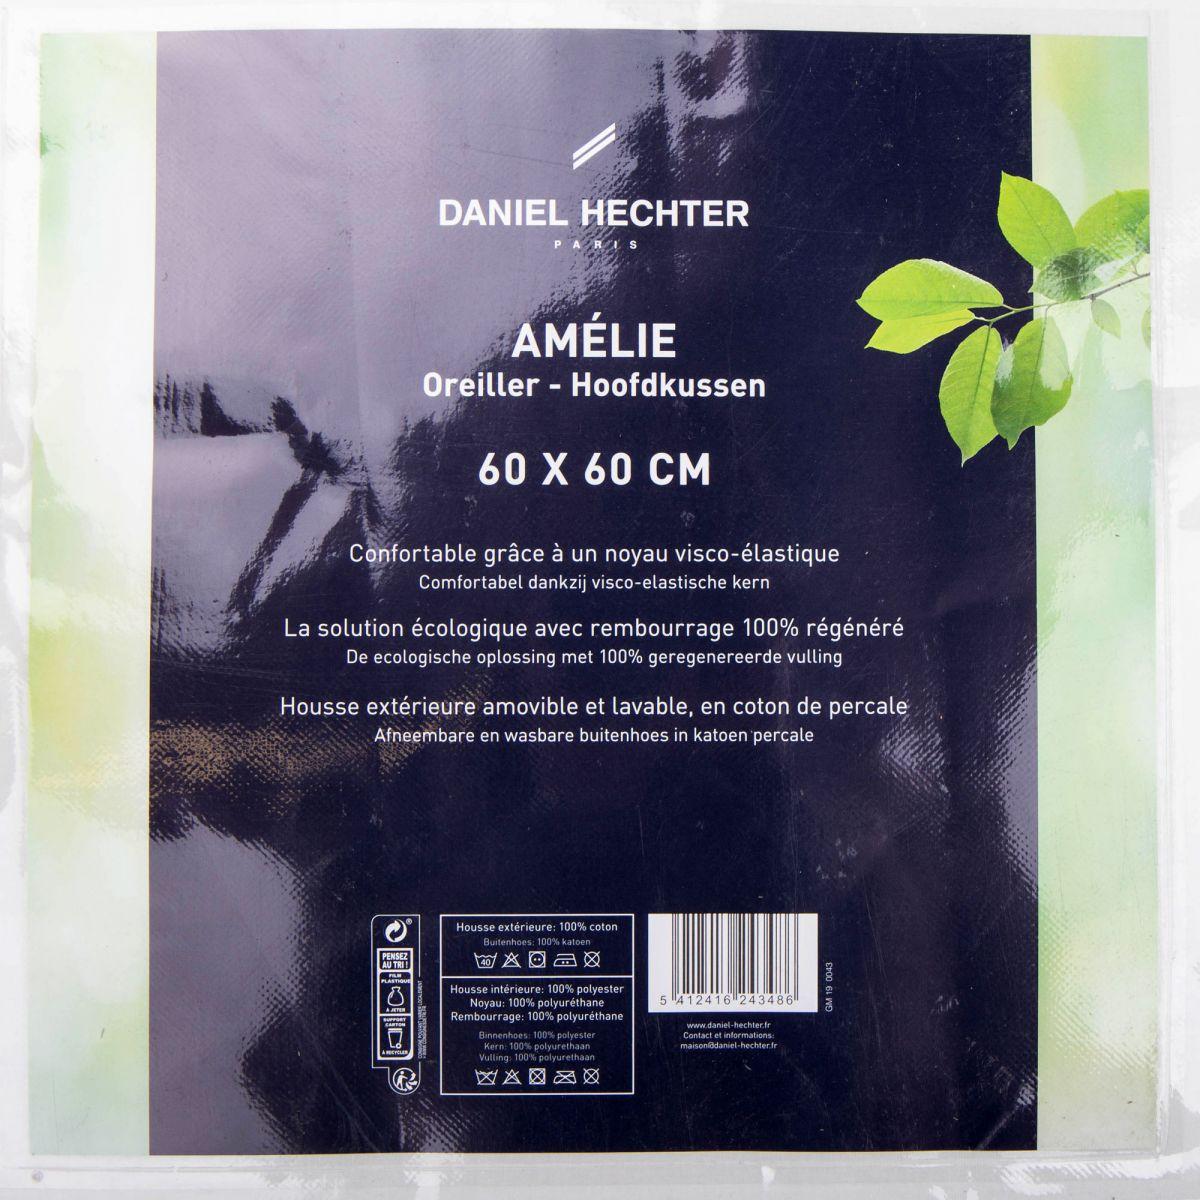 Daniel Hechter Amelie